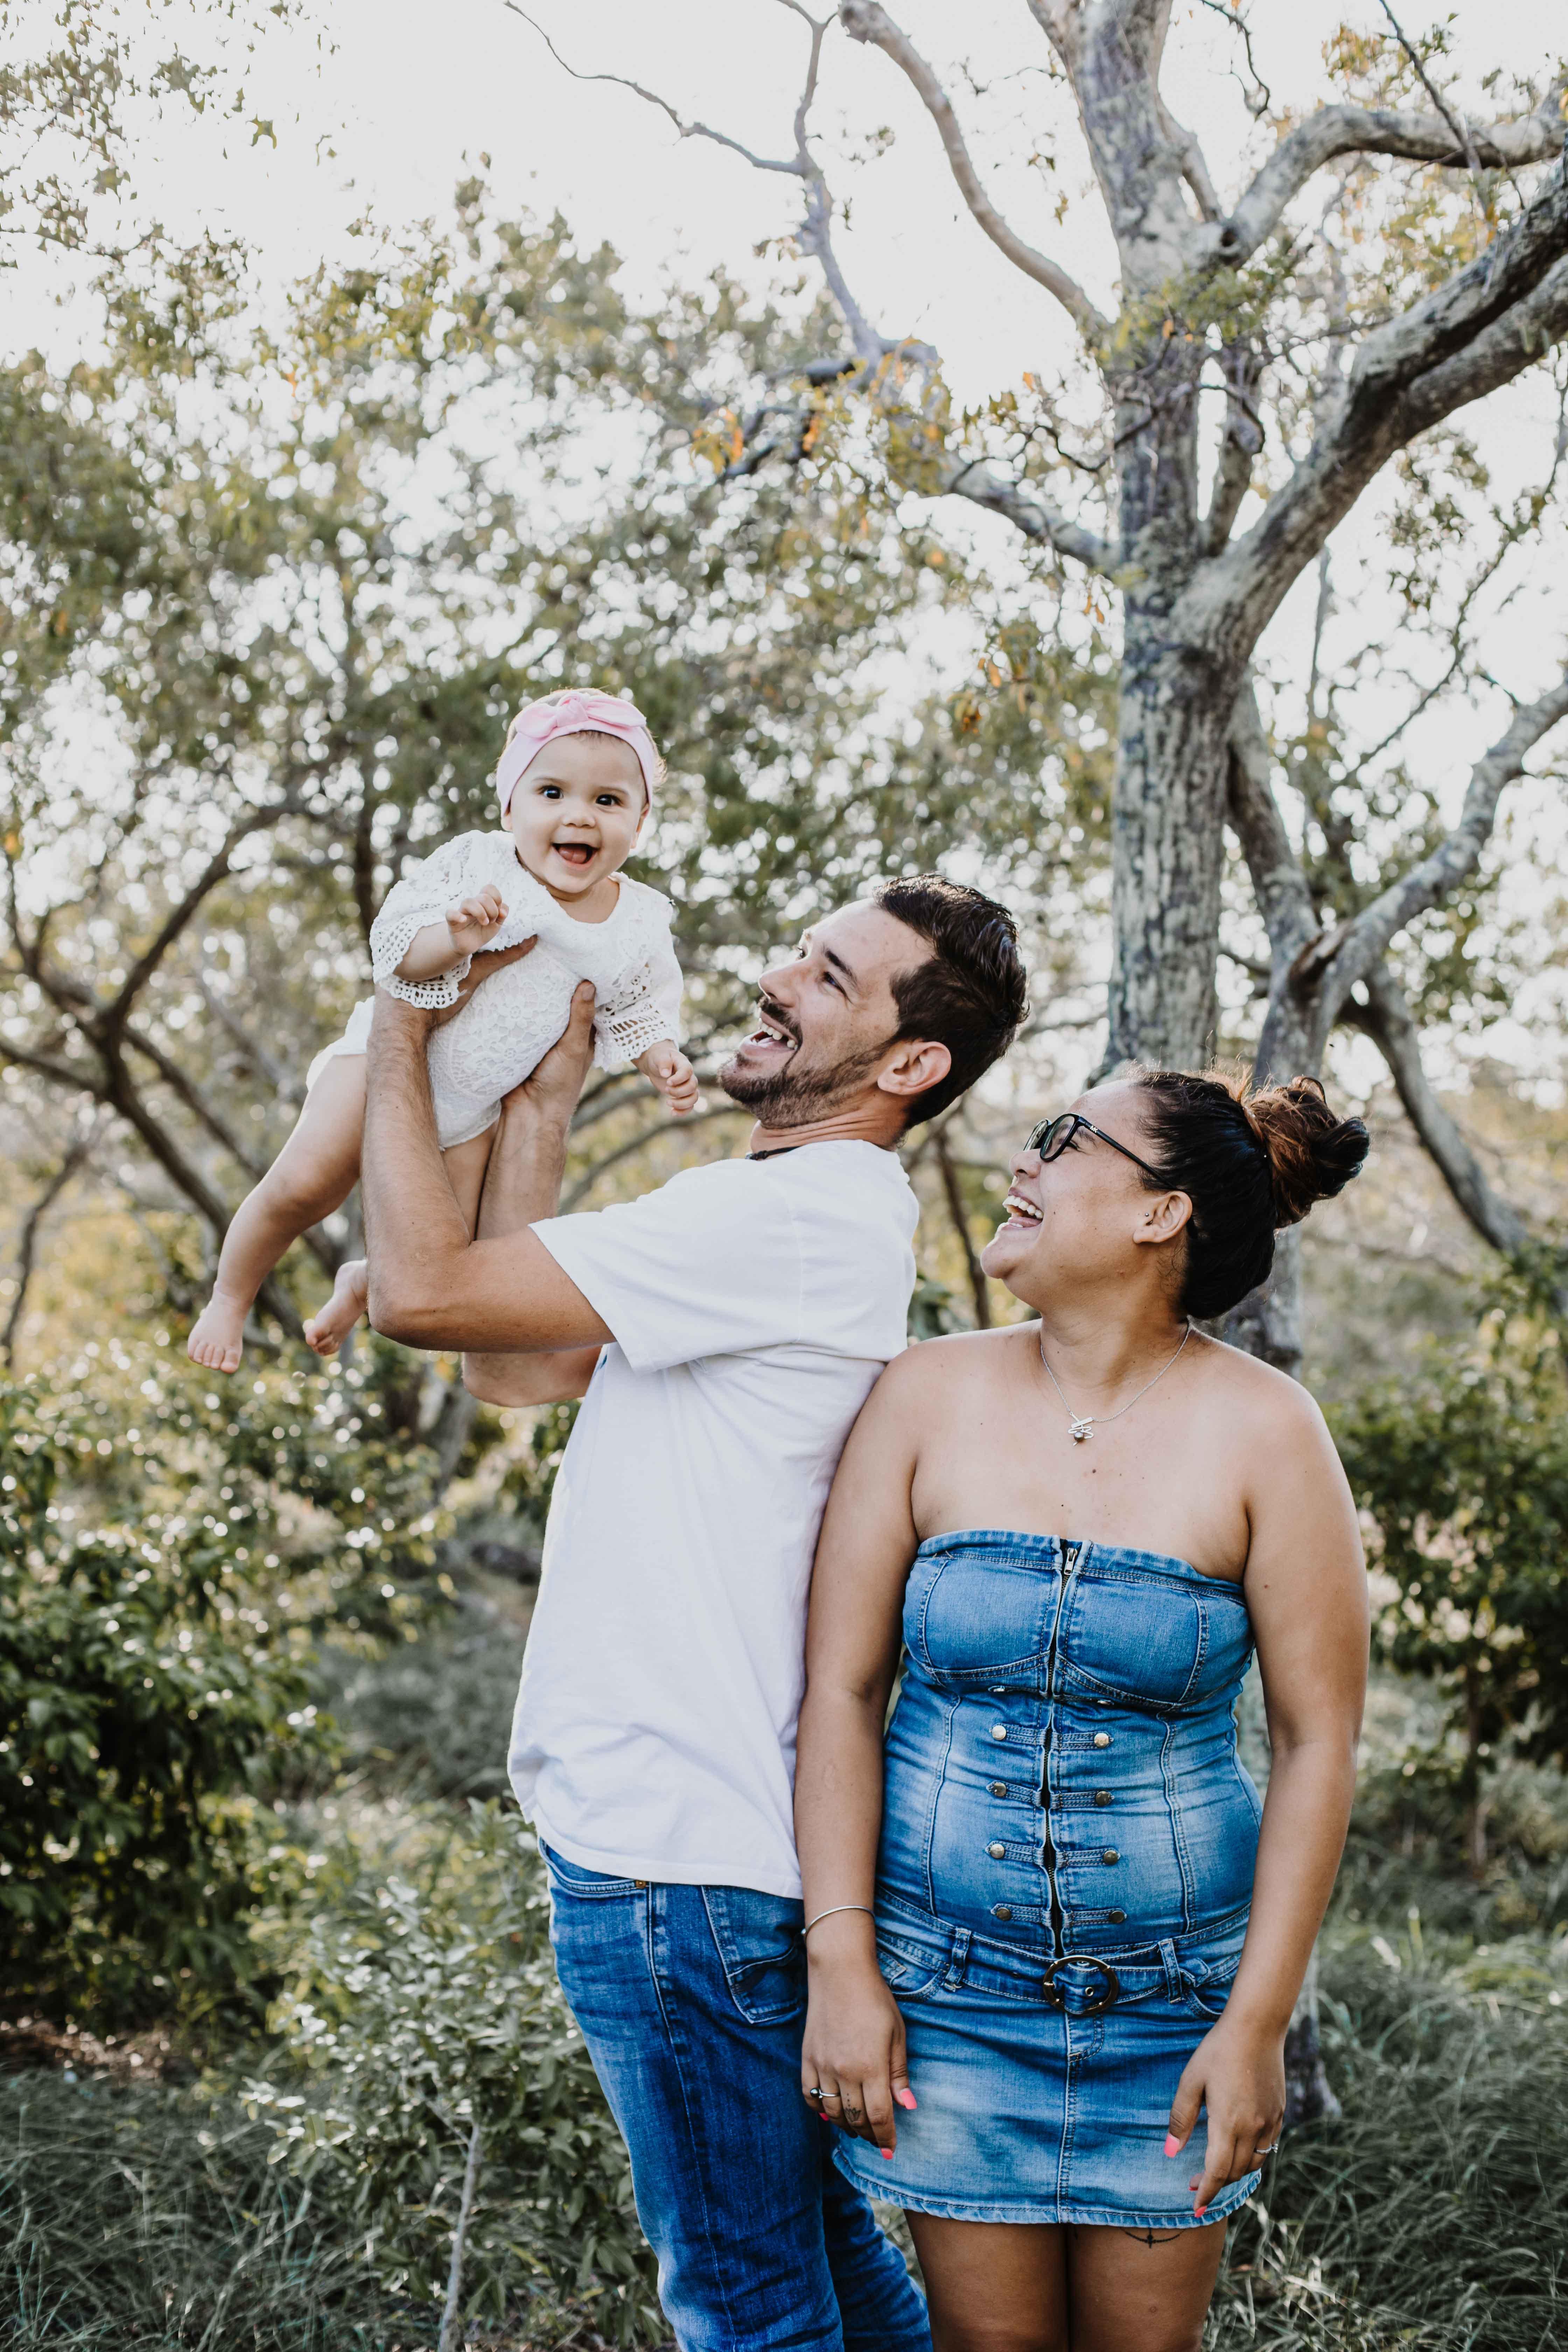 Dans la forêt, les parents jouent avec bébé lors de la séance photo famille. Papa lève bébé dans les airs, bébé rigole, les parents regardent la petite fille